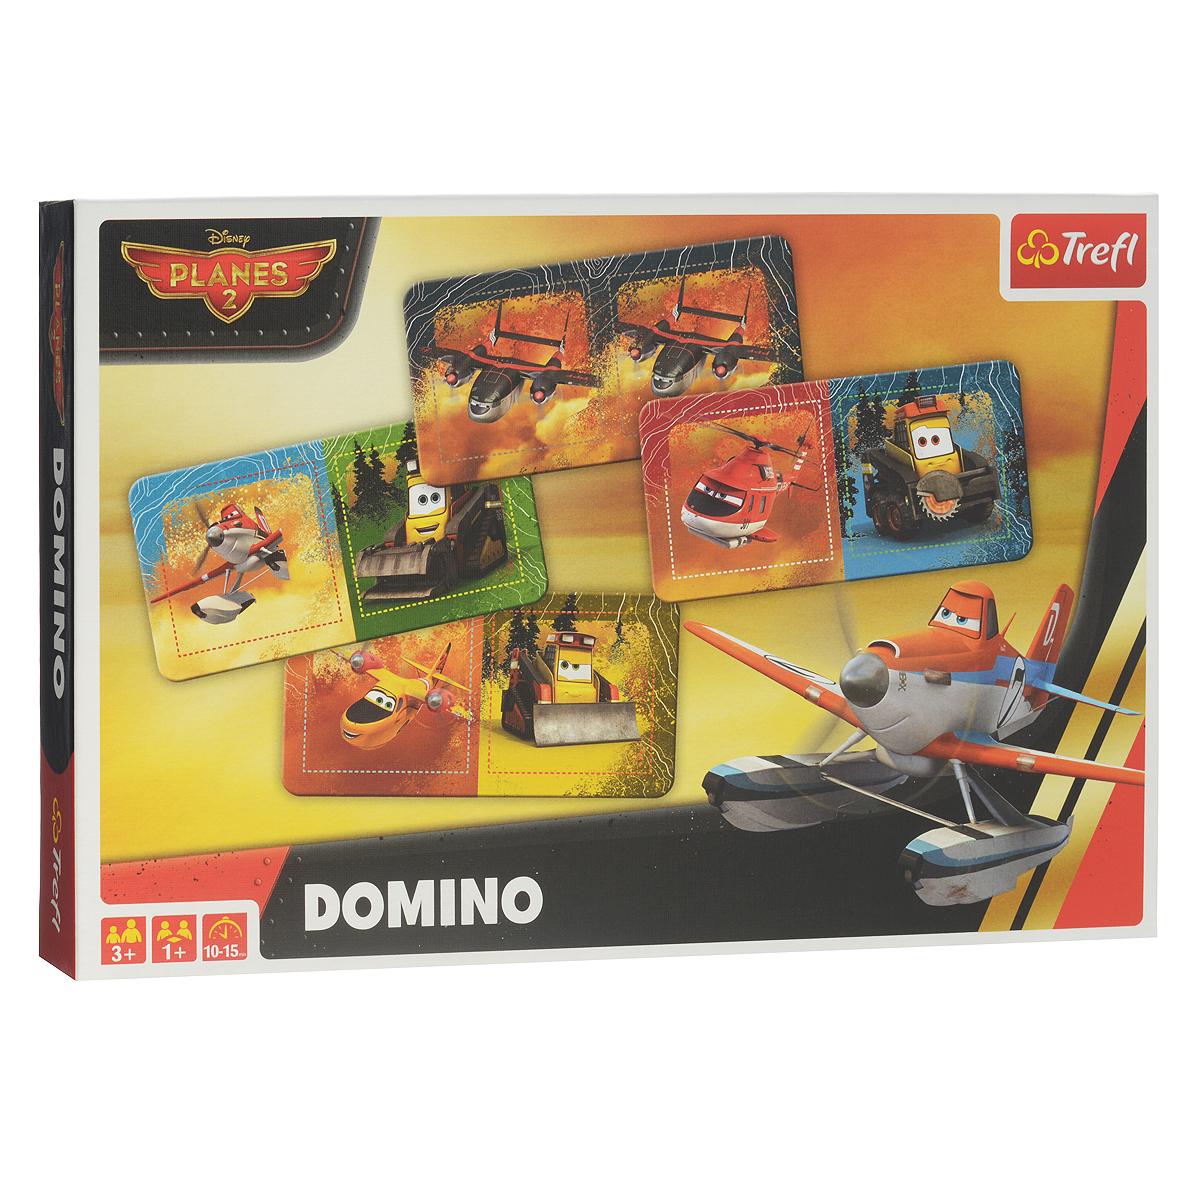 Домино Trefl Самолеты 201152TДомино Trefl Самолеты 2 станет отличным подарком для маленького поклонника знаменитого мультфильма. Комплект игры включает в себя 28 фишек плотного картона с красочными изображениями персонажей мультфильма Самолеты. Правила игры расположены на обратной стороне упаковки. В свой ход, каждый игрок должен добавить в цепочку из фишек одну их своих фишек так, чтобы изображение на ней подошло к изображению на конце цепи. Если в руках у игрока нет подходящей фишки - он берет дополнительные, до тех пор, пока не попадется нужная. Выигрывает тот, кто первым выложит все свои фишки. Игра в домино не только подарит малышу множество веселых мгновений, но и поможет познакомиться с новыми словами, а также развить внимательность, пространственное мышление и мелкую моторику.